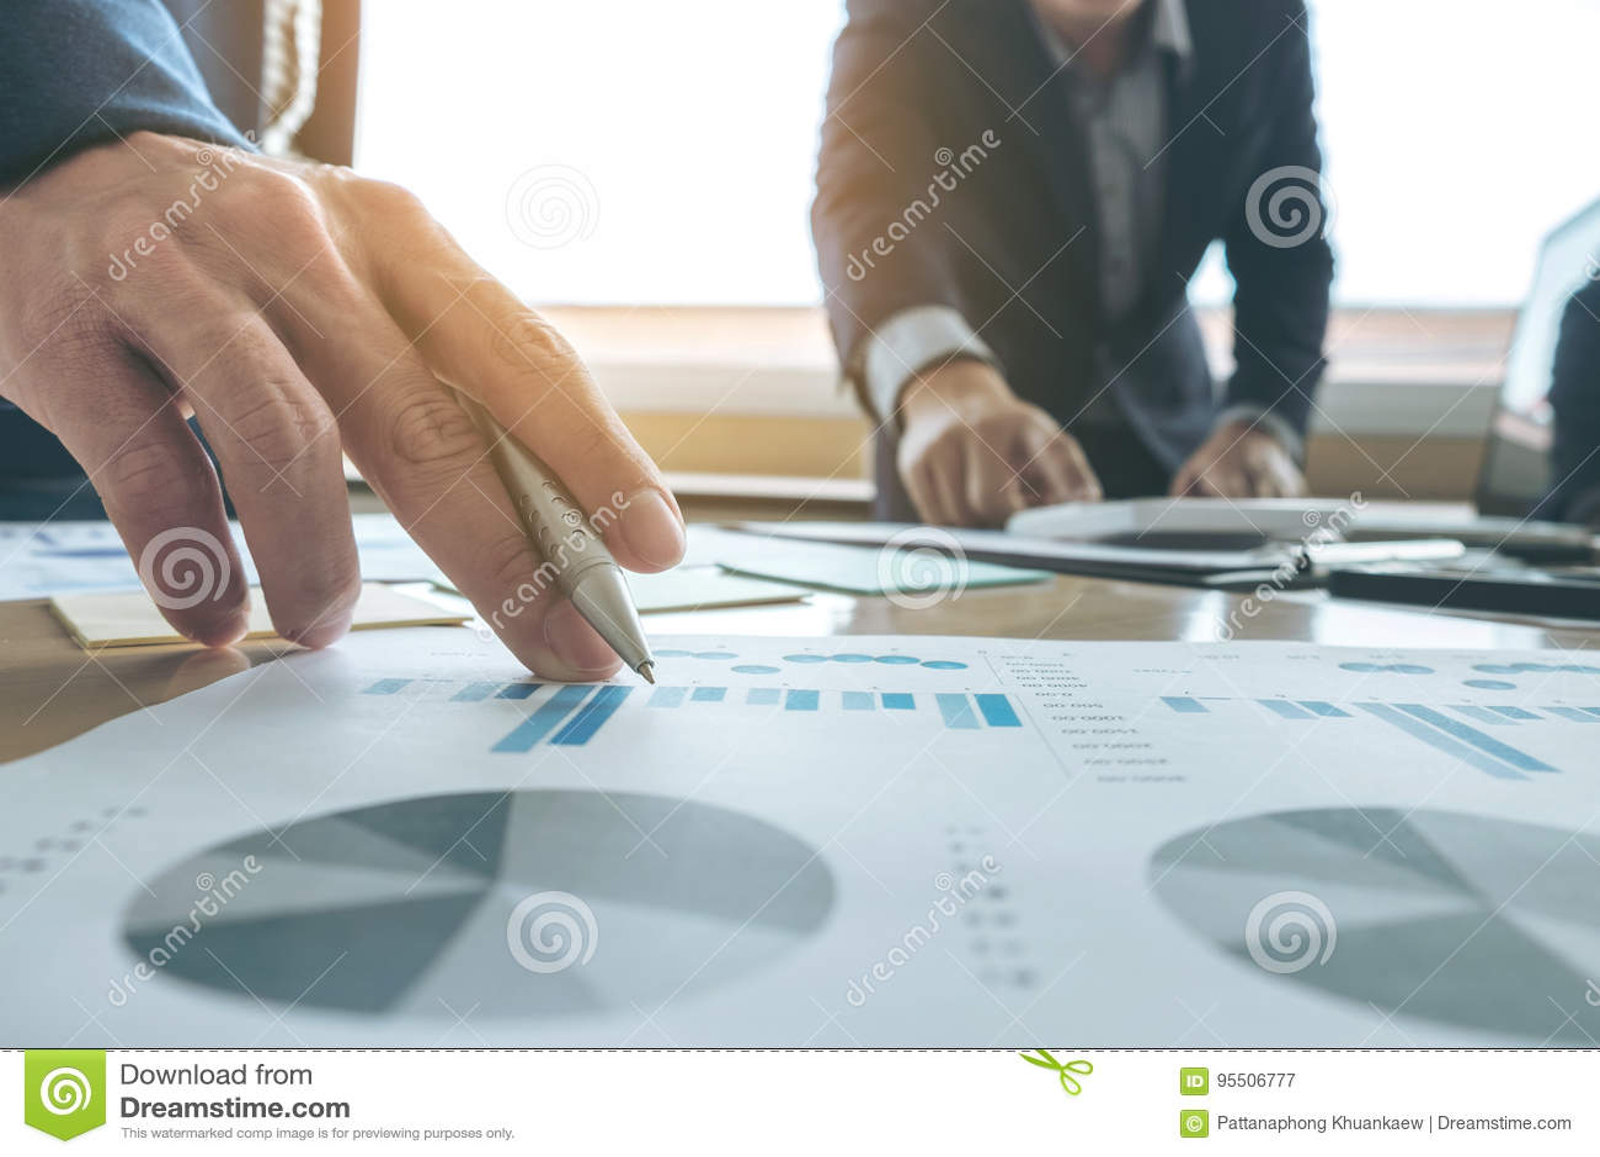 Equipo del negocio que hace frente al presente idea de la presentación de la secretaria nuevos e informe de la fabricación al inv